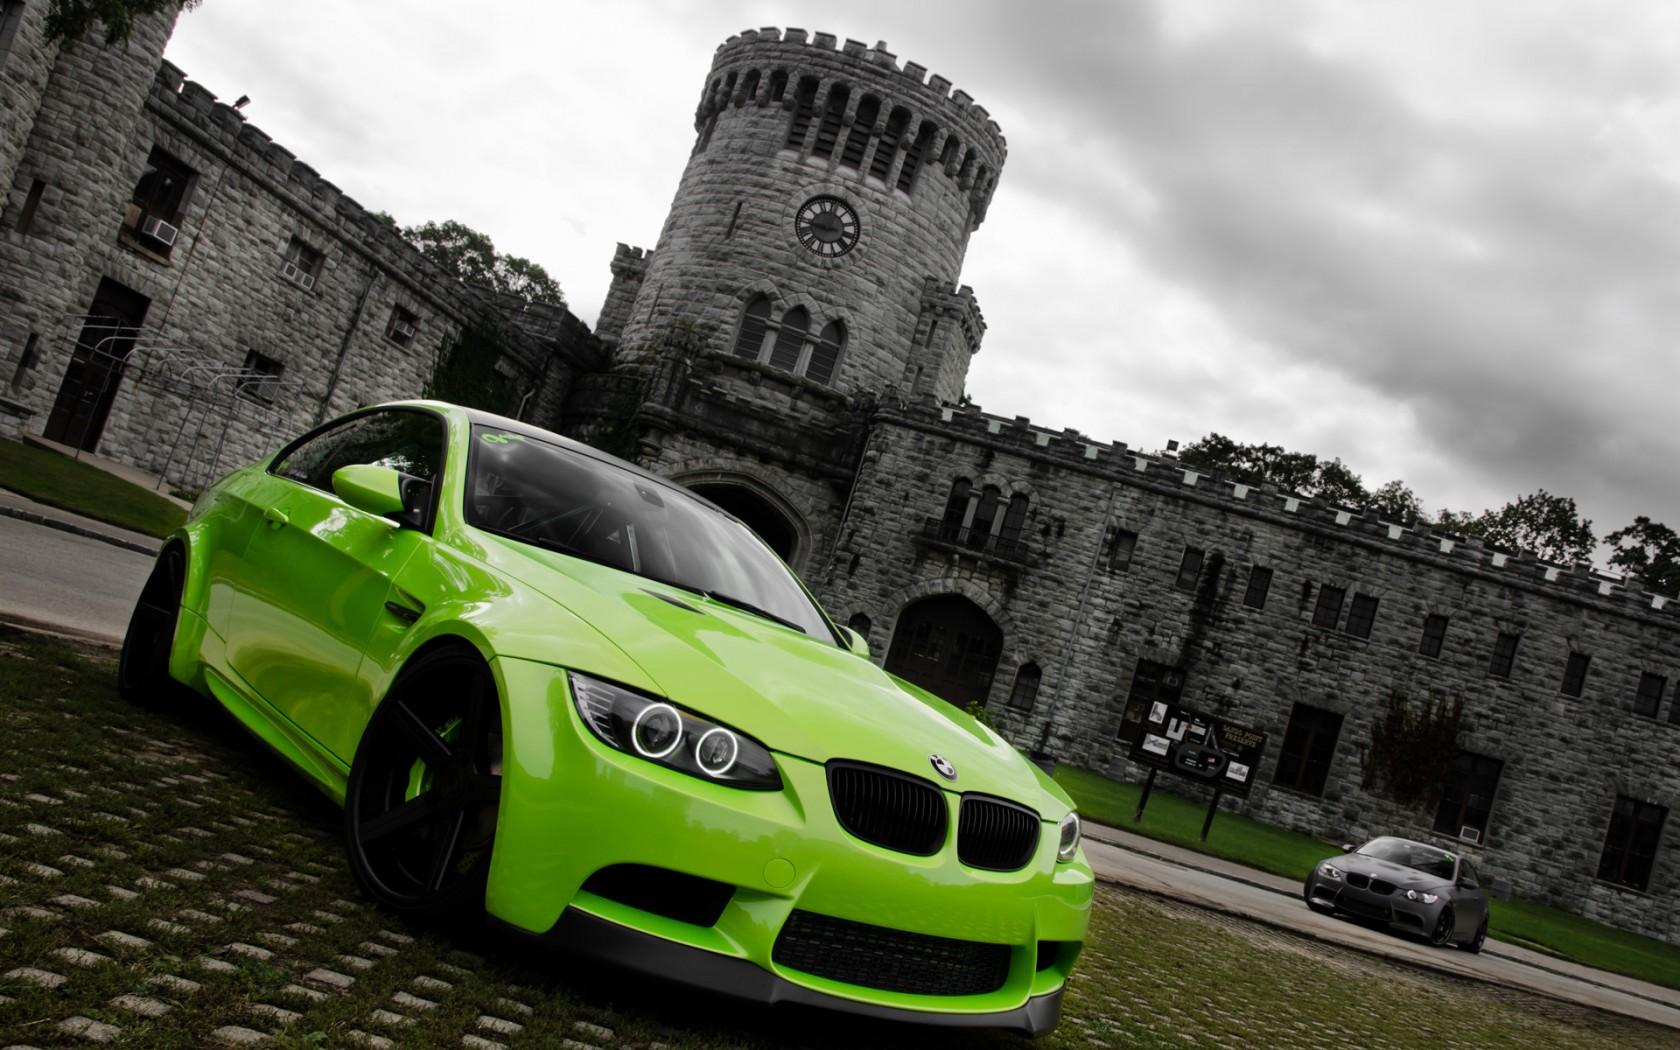 Green BMW M3 Wallpaper | HD Car Wallpapers | ID #2576